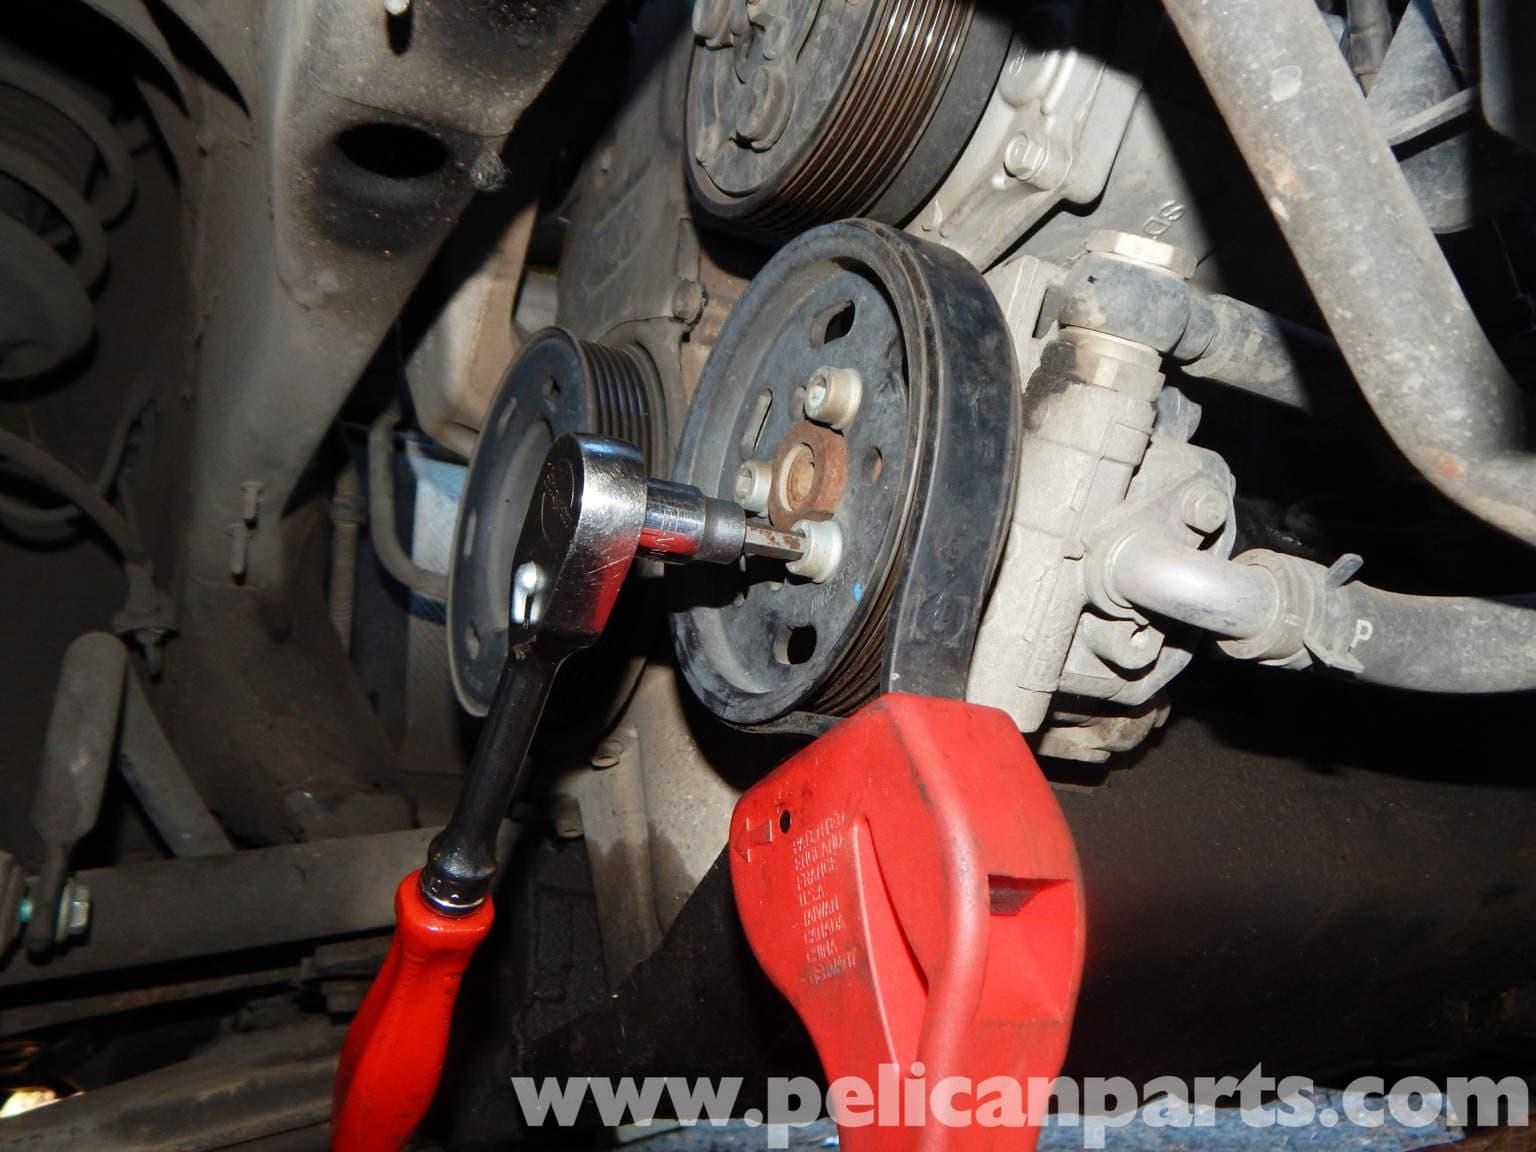 Volkswagen Jetta Mk4 Power Steering Pump Replacement